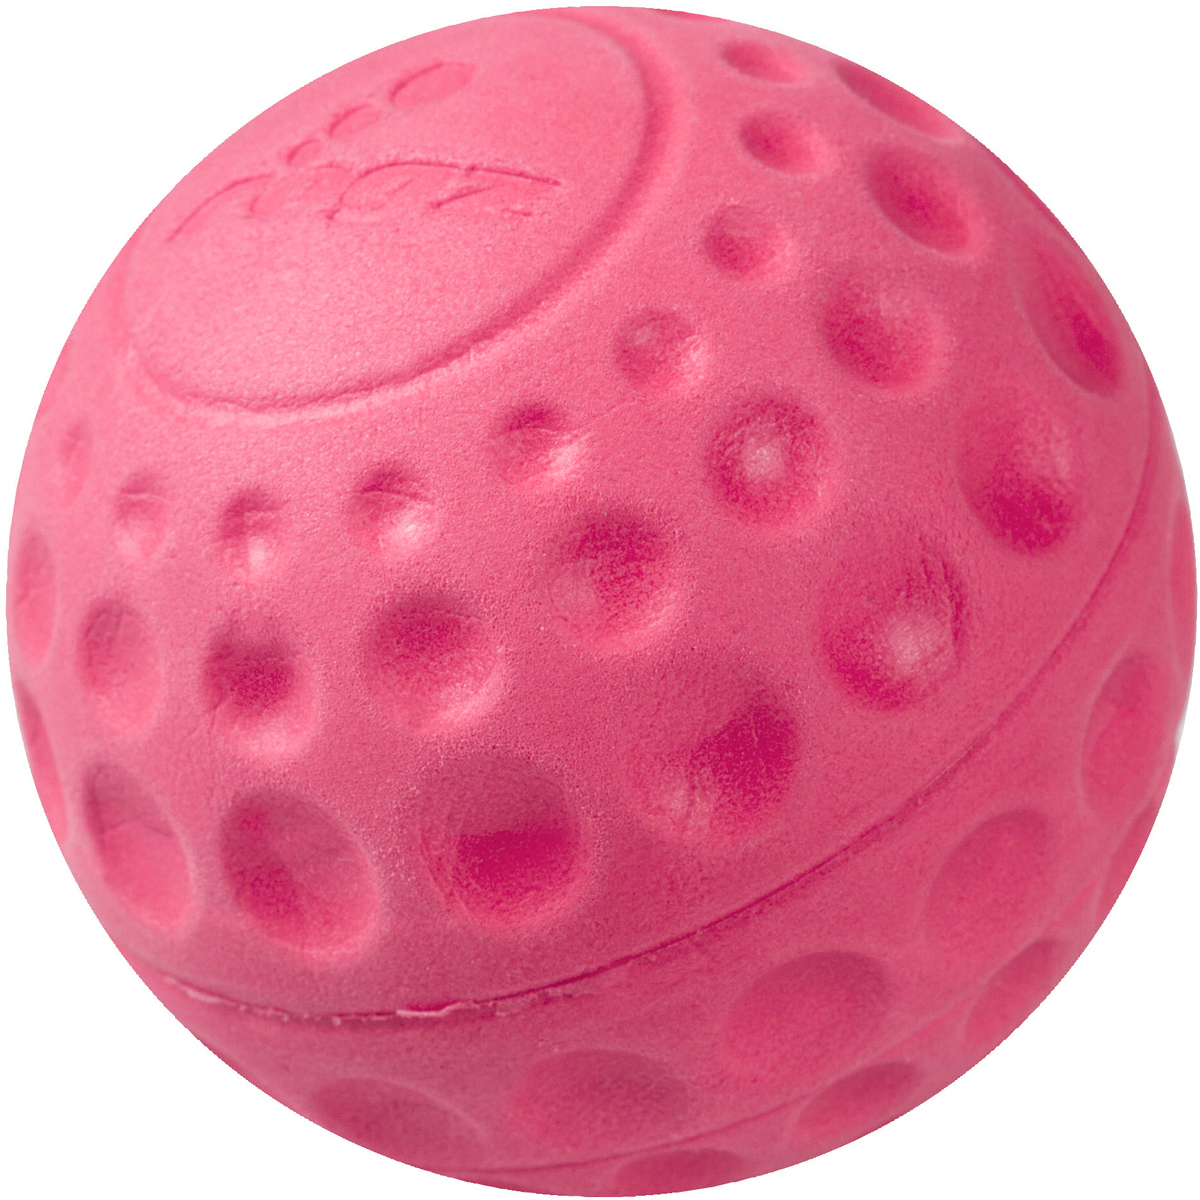 Игрушка для собак Rogz Asteroidz, цвет: розовый, диаметр 4,9 смAS01KМяч для собак Rogz Asteroidz предназначен для игры с хозяином Принеси.Мяч имеет небольшой вес, не травмирует десны, не повреждает зубы, удобно носить в пасти.Отличная упругость для подпрыгивания.Изготовлено из особого термоэластопласта Sebs, обеспечивающего великолепную плавучесть в воде, поэтому игрушка отлично подходит для игры в водоеме. Материал изделия: EVA (этиленвинилацетат) - легкий мелкопористый материал, похожий на застывшую пену.Не токсичен.